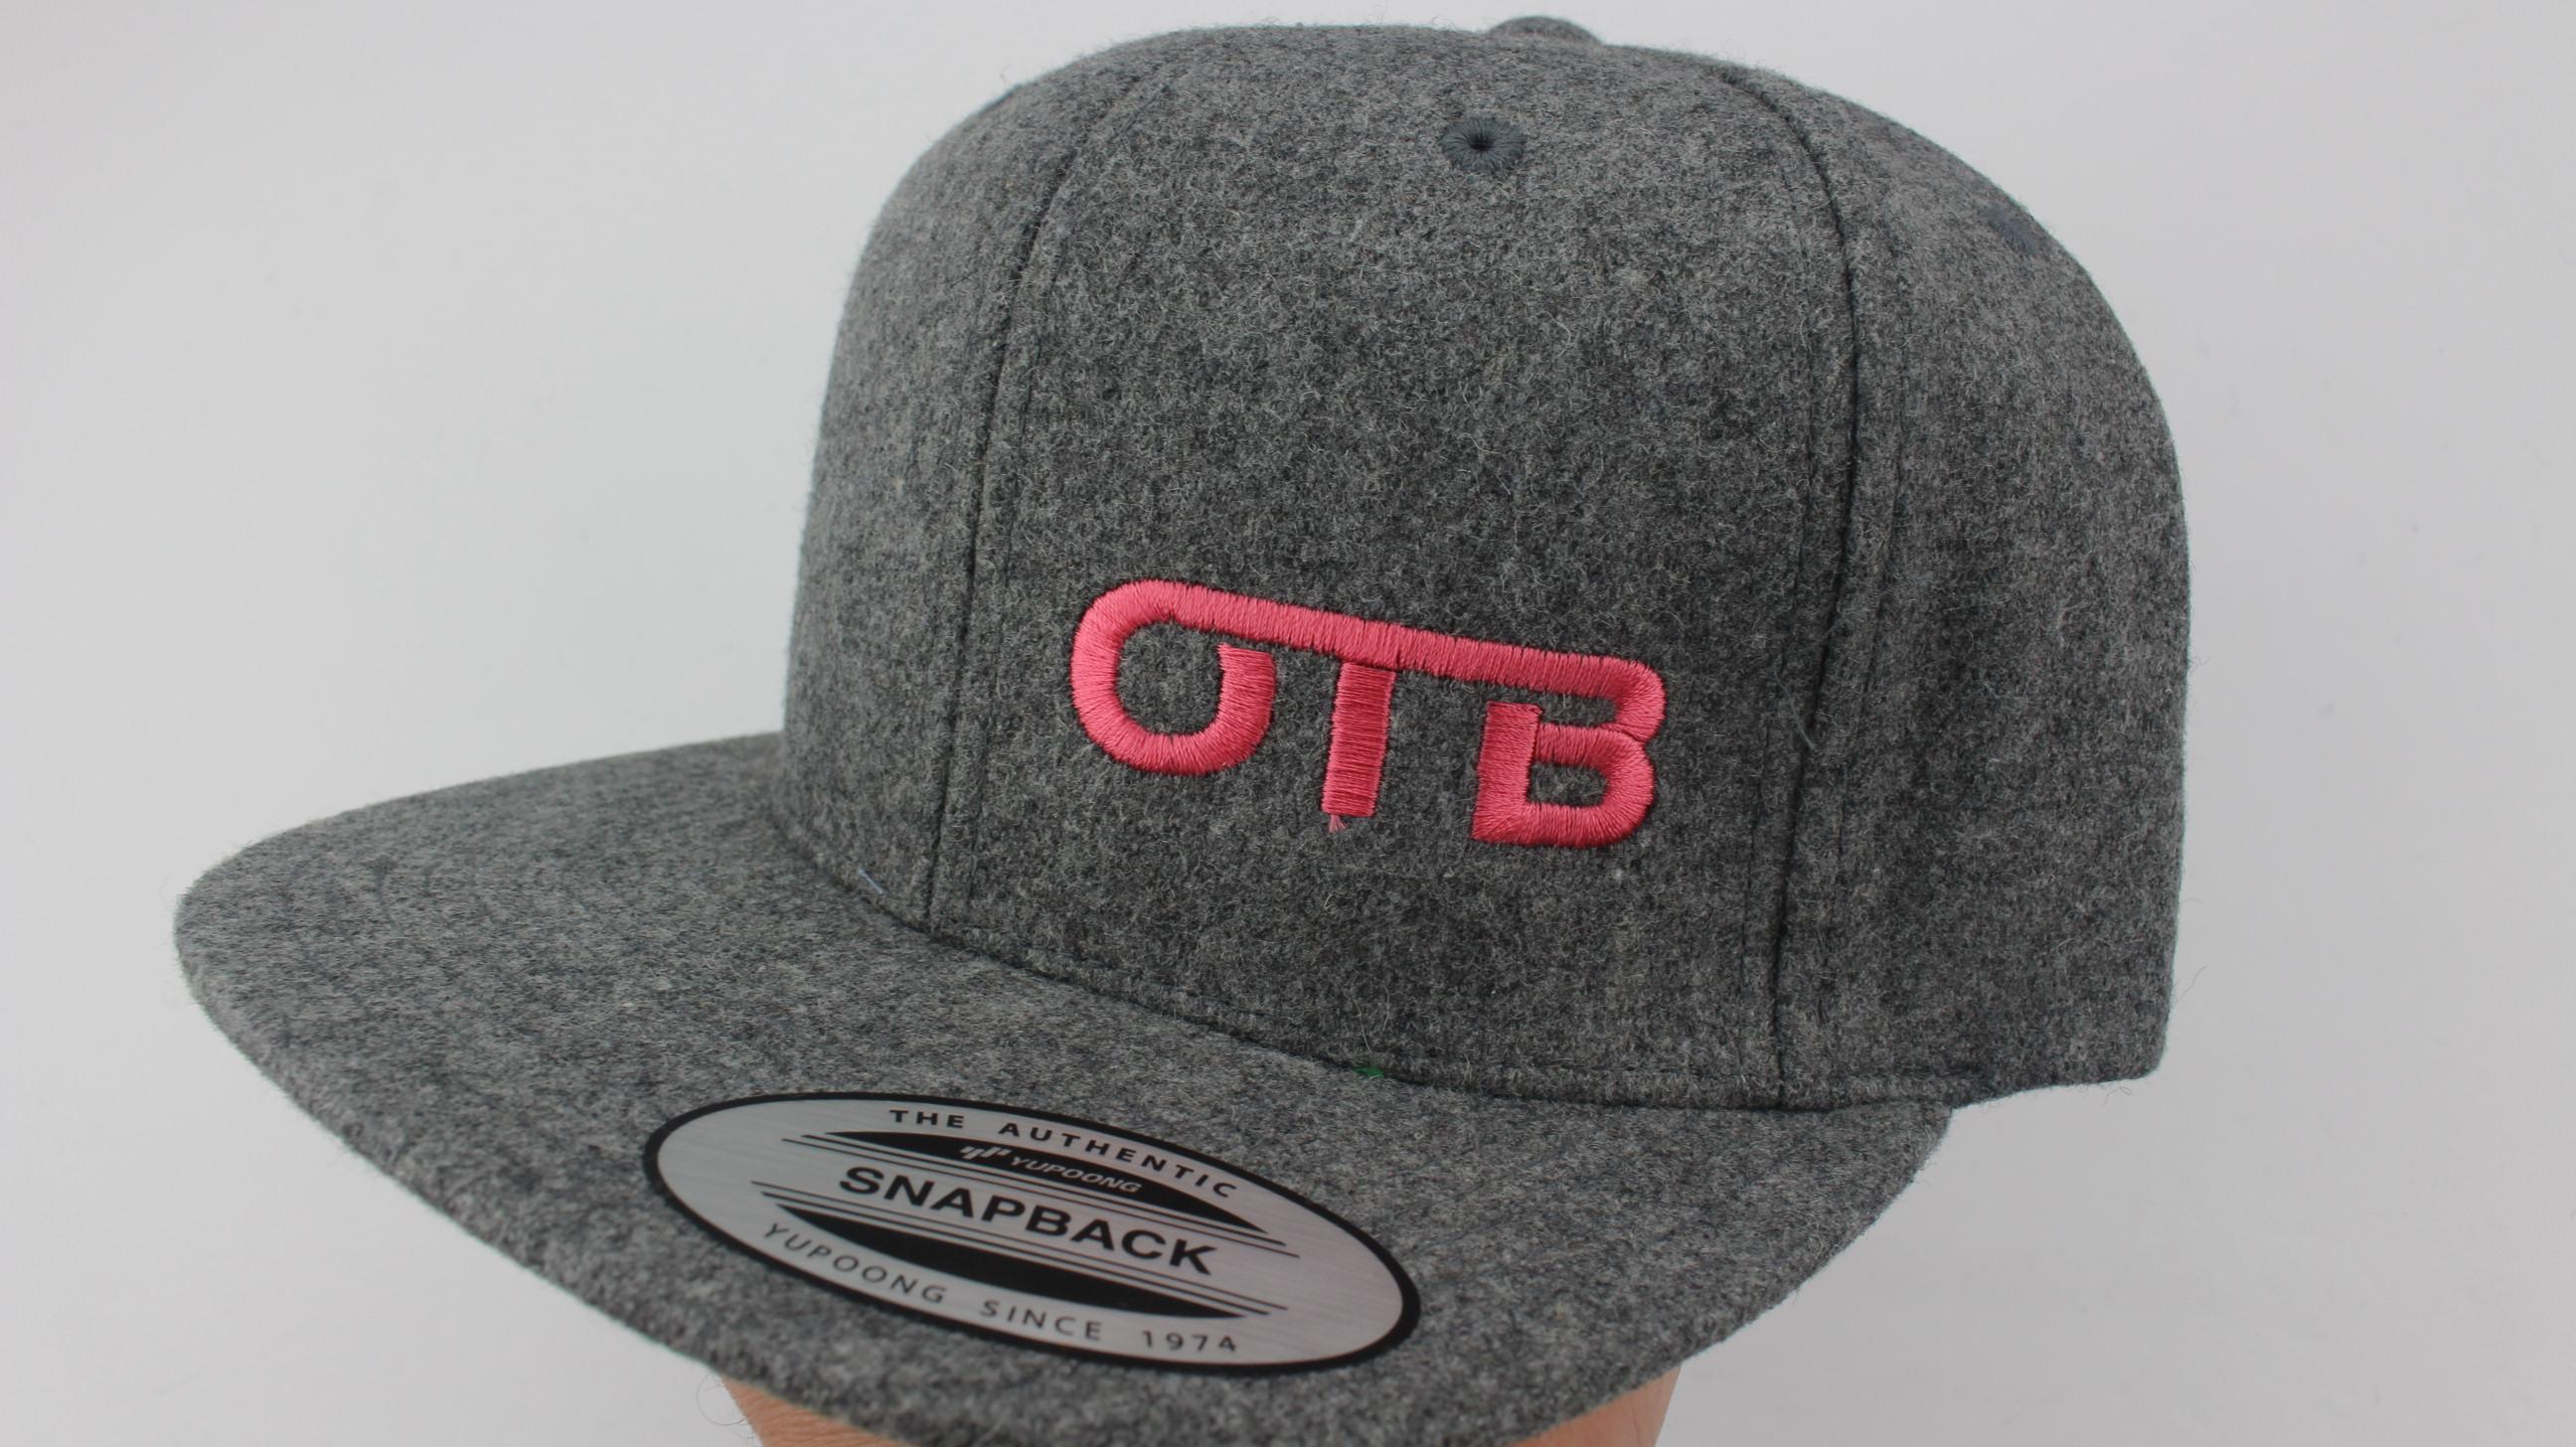 b898297c938 Flatbill Snapback Hat - heather-wool - 1264 - pink